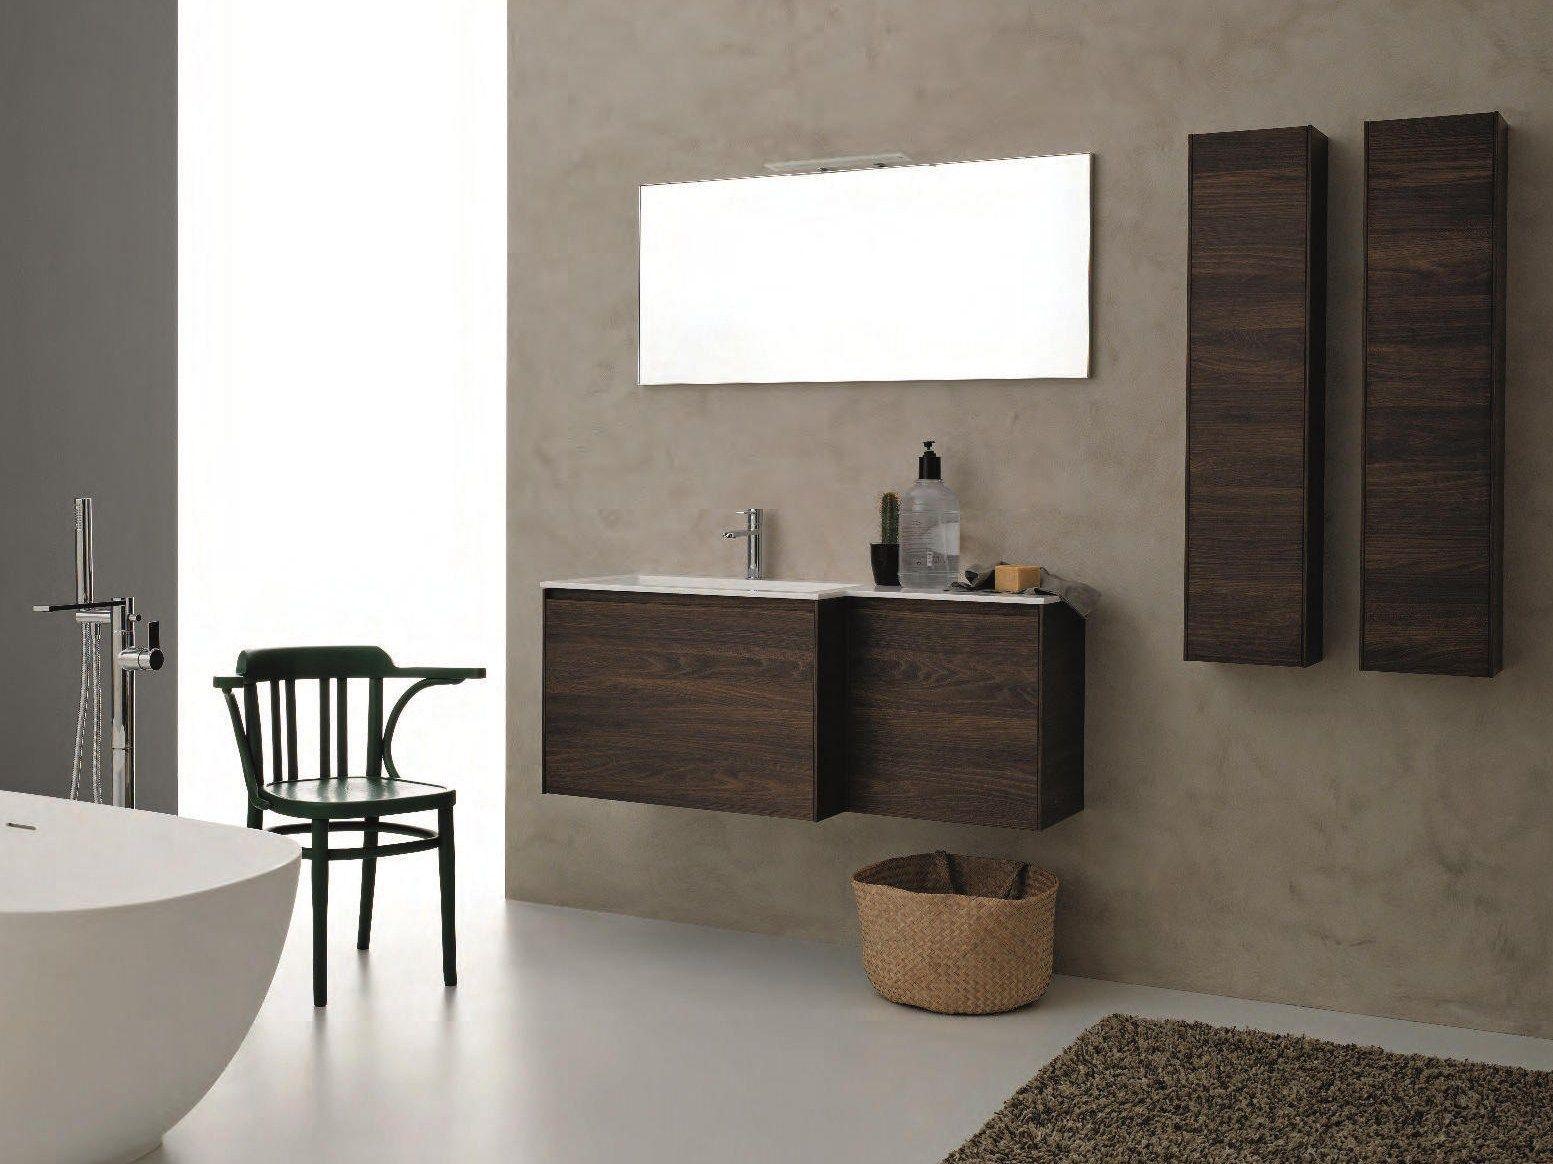 Bagni » Bagni Derivati - Galleria Foto delle ultime Bagno Design